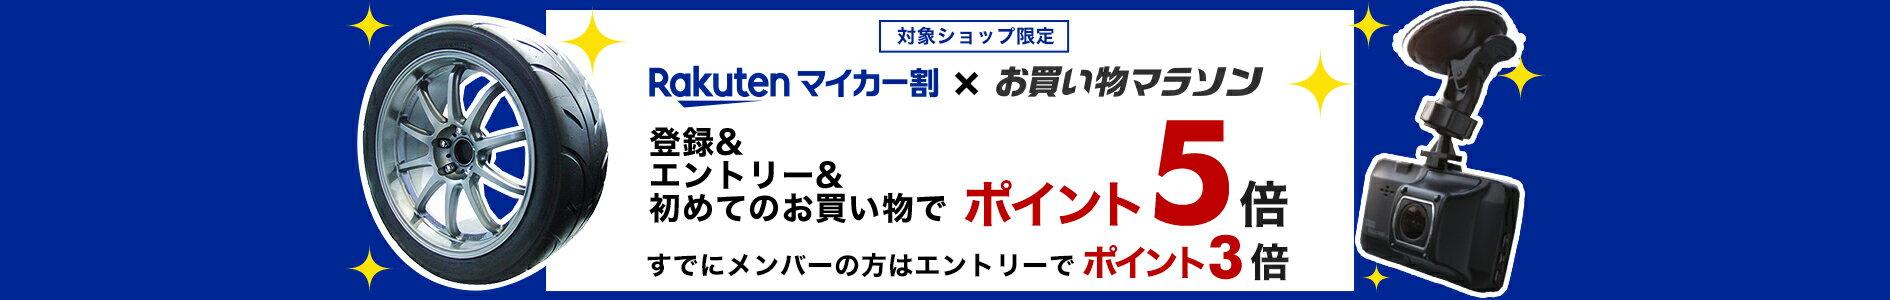 Rakutenマイカー割 お買い物マラソン 登録&エントリー&初めてのお買い物でポイント5倍 すでにメンバーの方はエントリーでポイント3倍